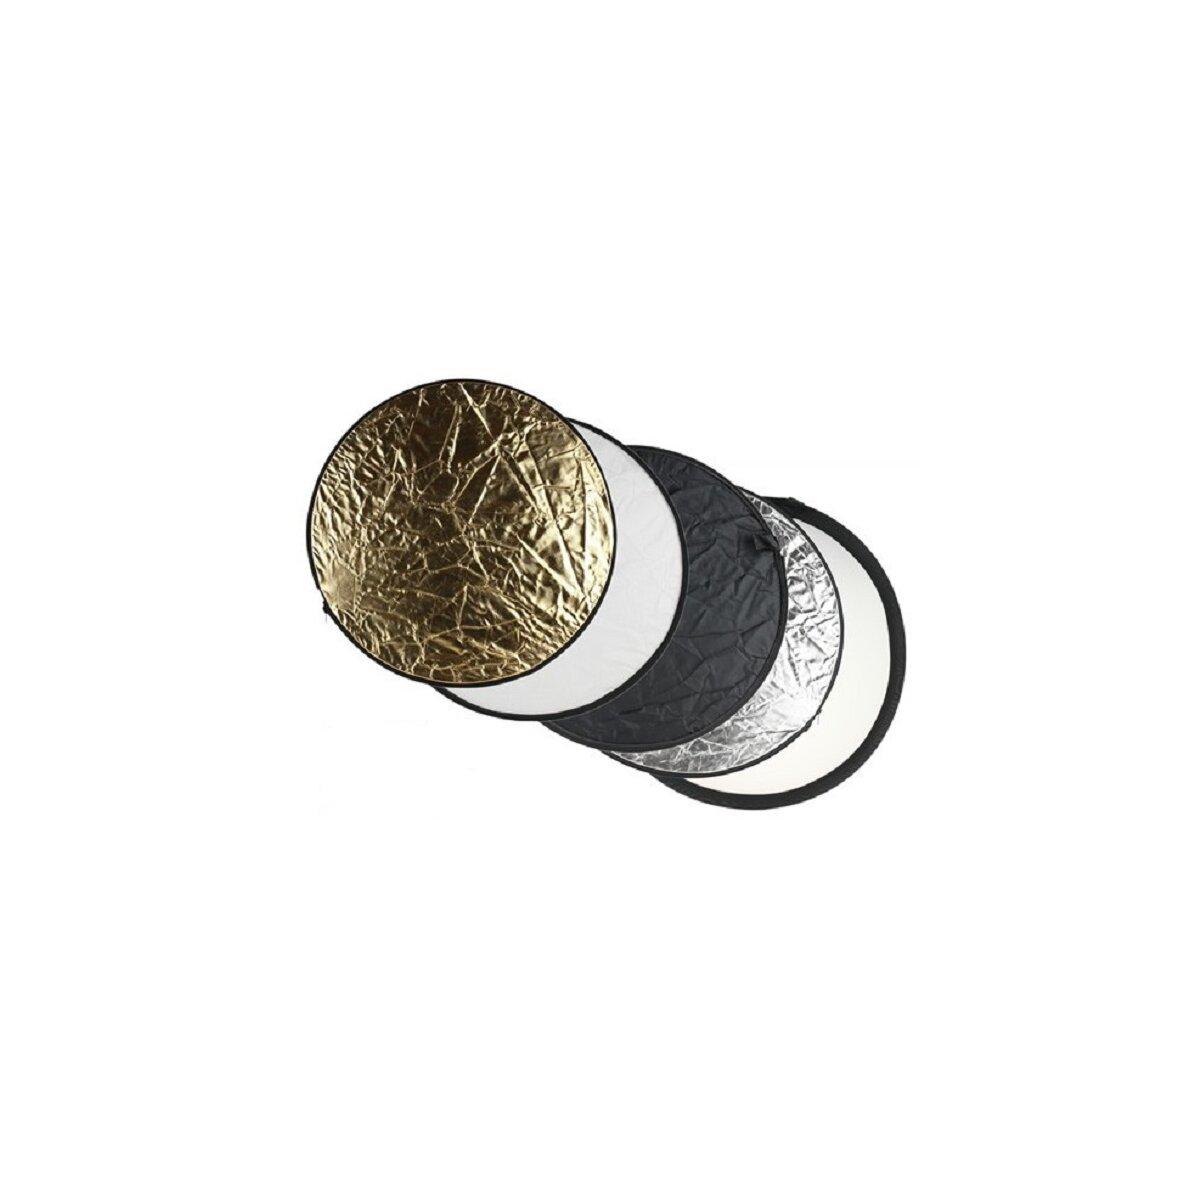 5in1 Faltreflektoren Set - ca. 105cm - gold, silber, schwarz, weiß und Diffusor